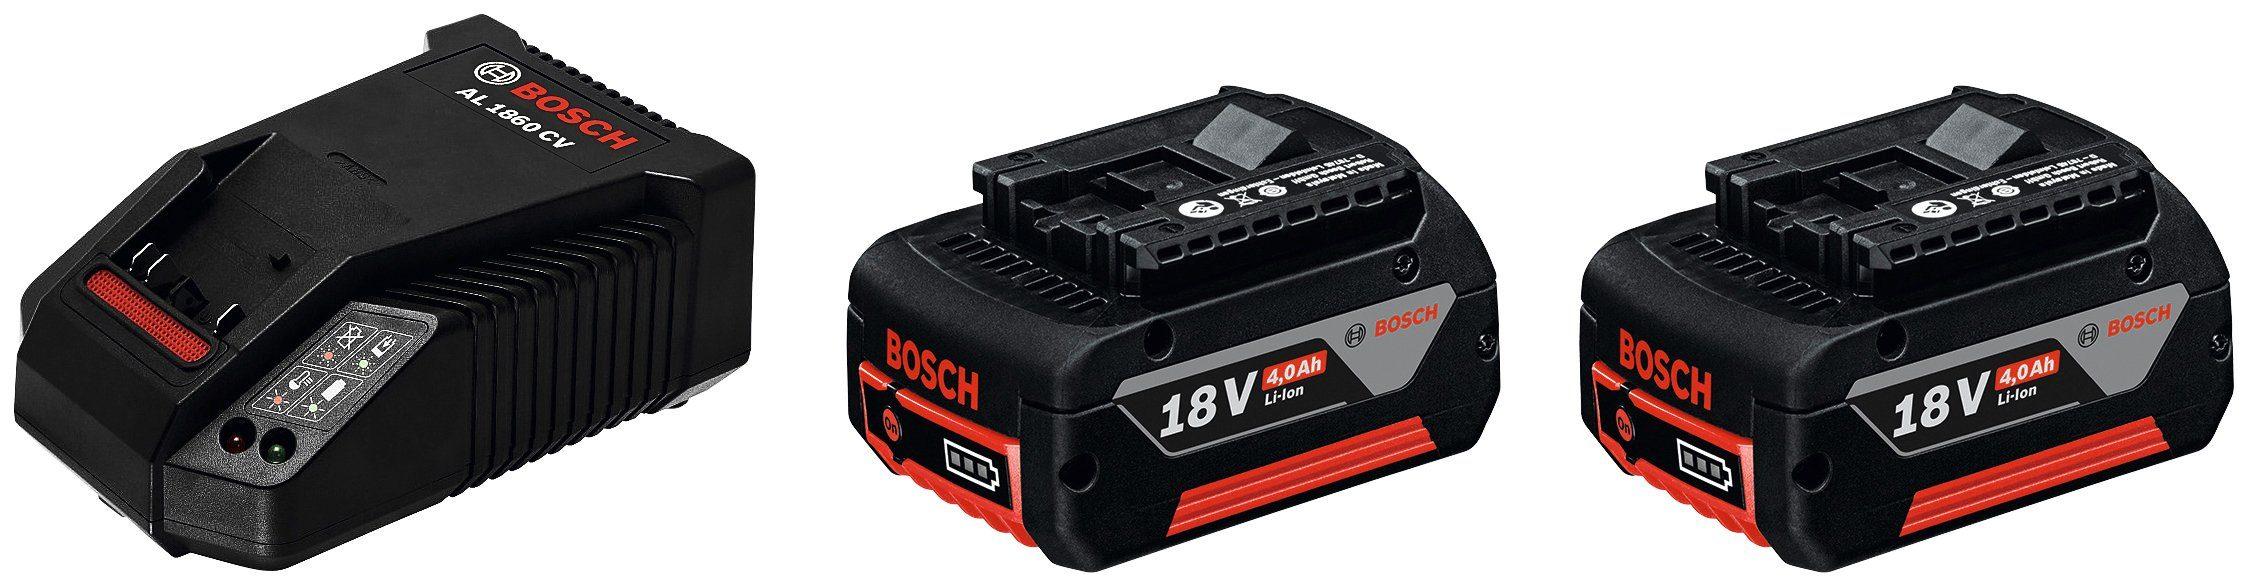 Ladegerät »GBA 18 V + AL 1860 CV«, 18 V 4 Ah